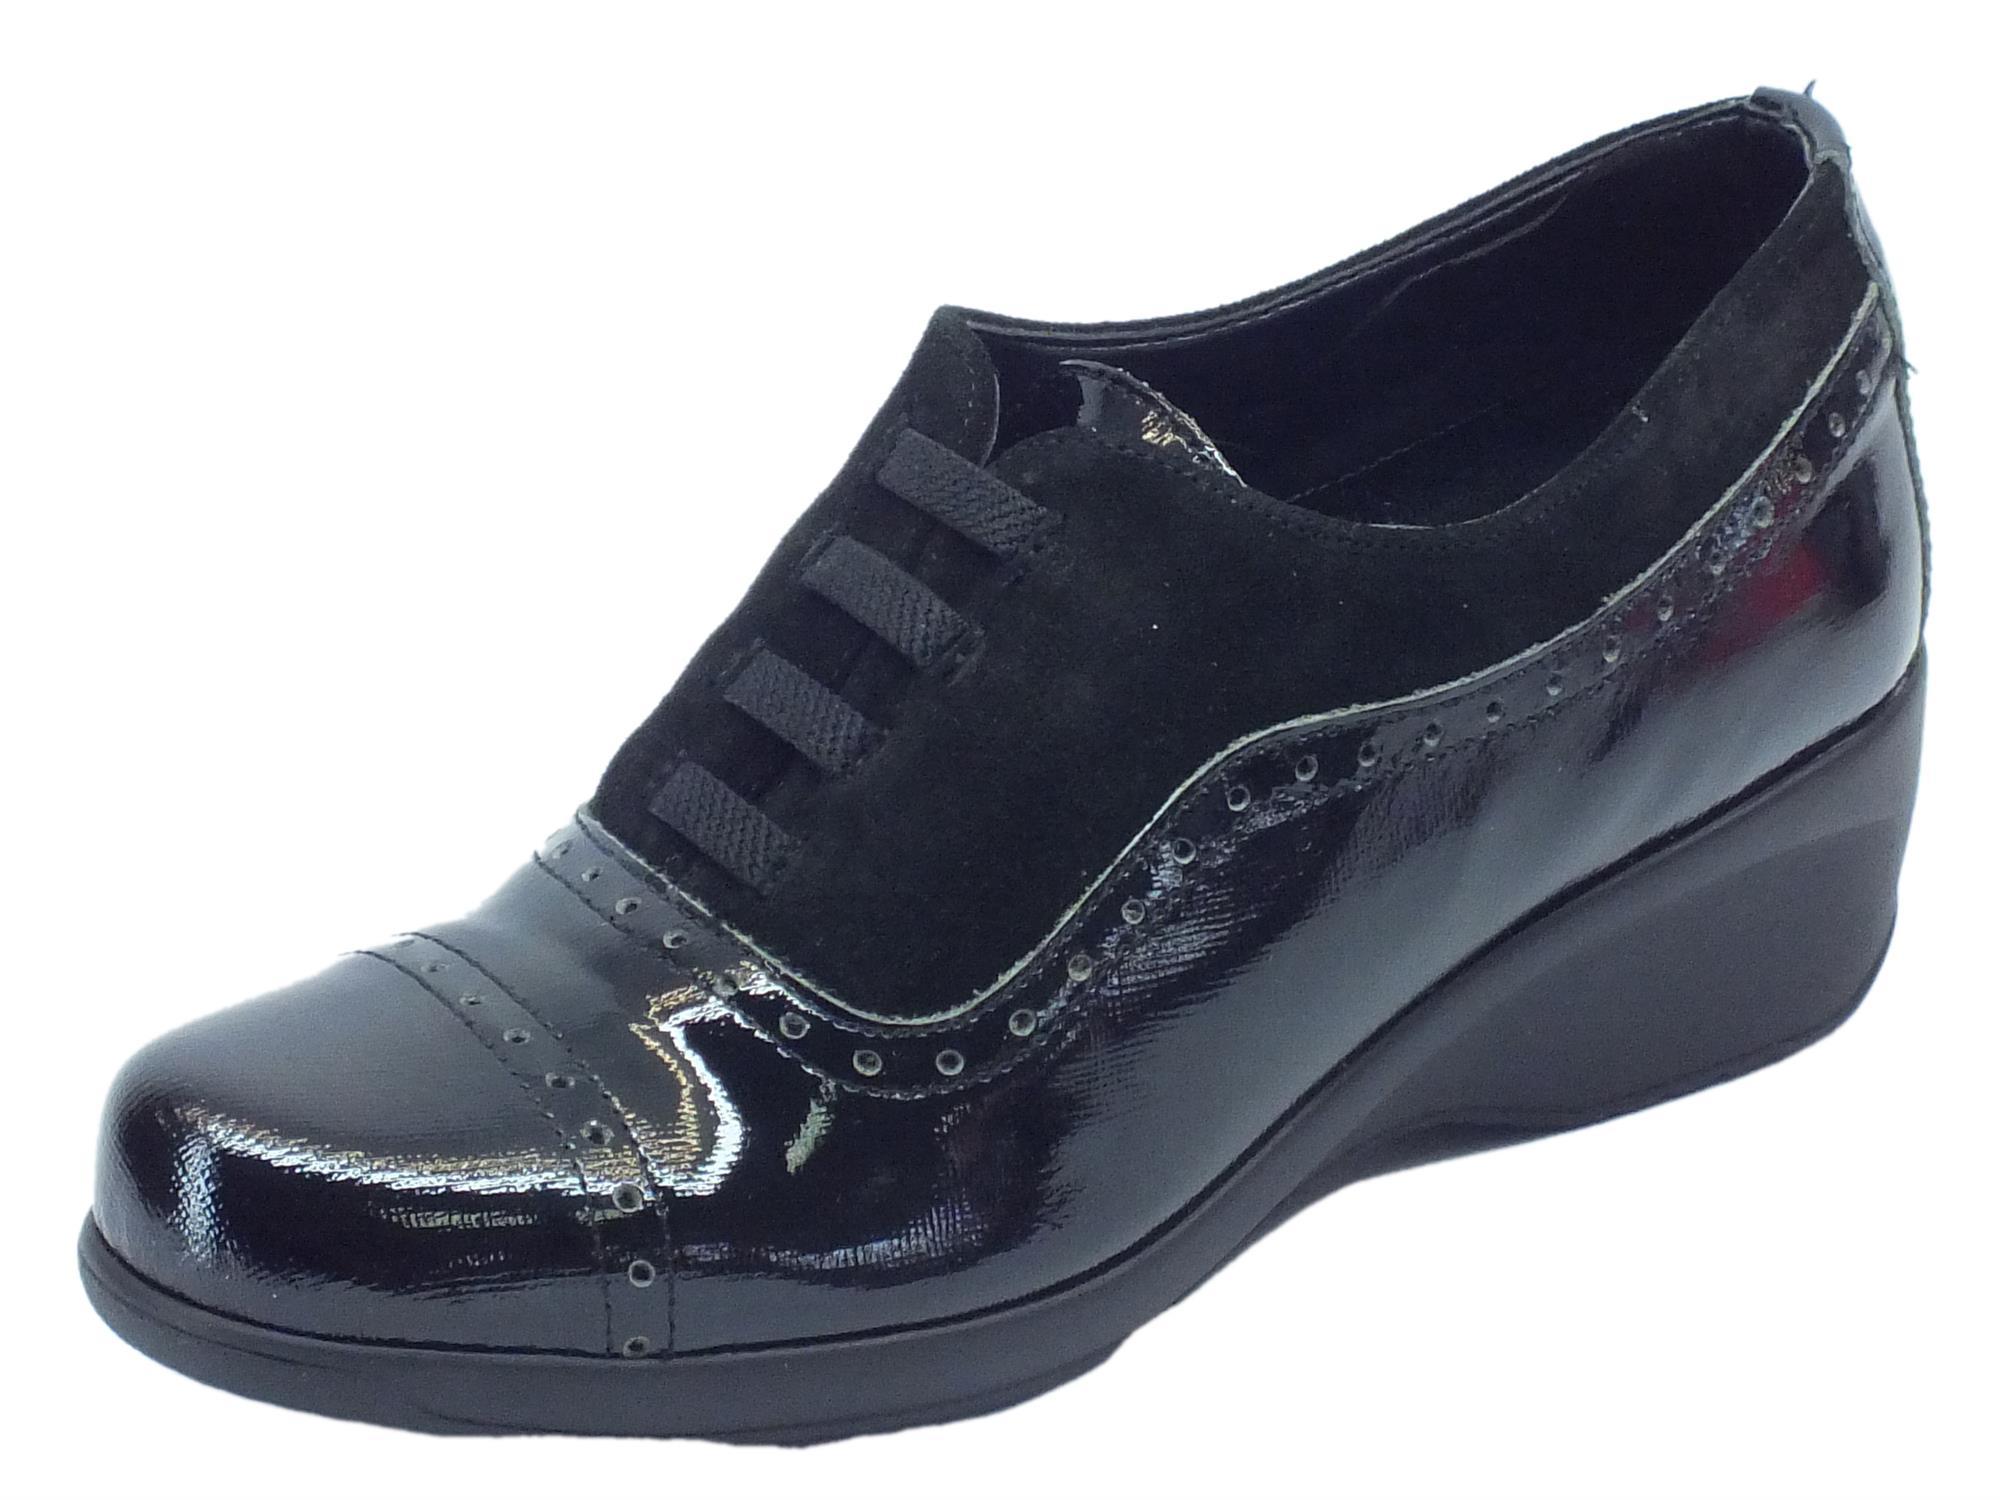 Mocassini Cinzia Soft per donna in camoscio nero e pelle nera saffiano 65c2f86569c